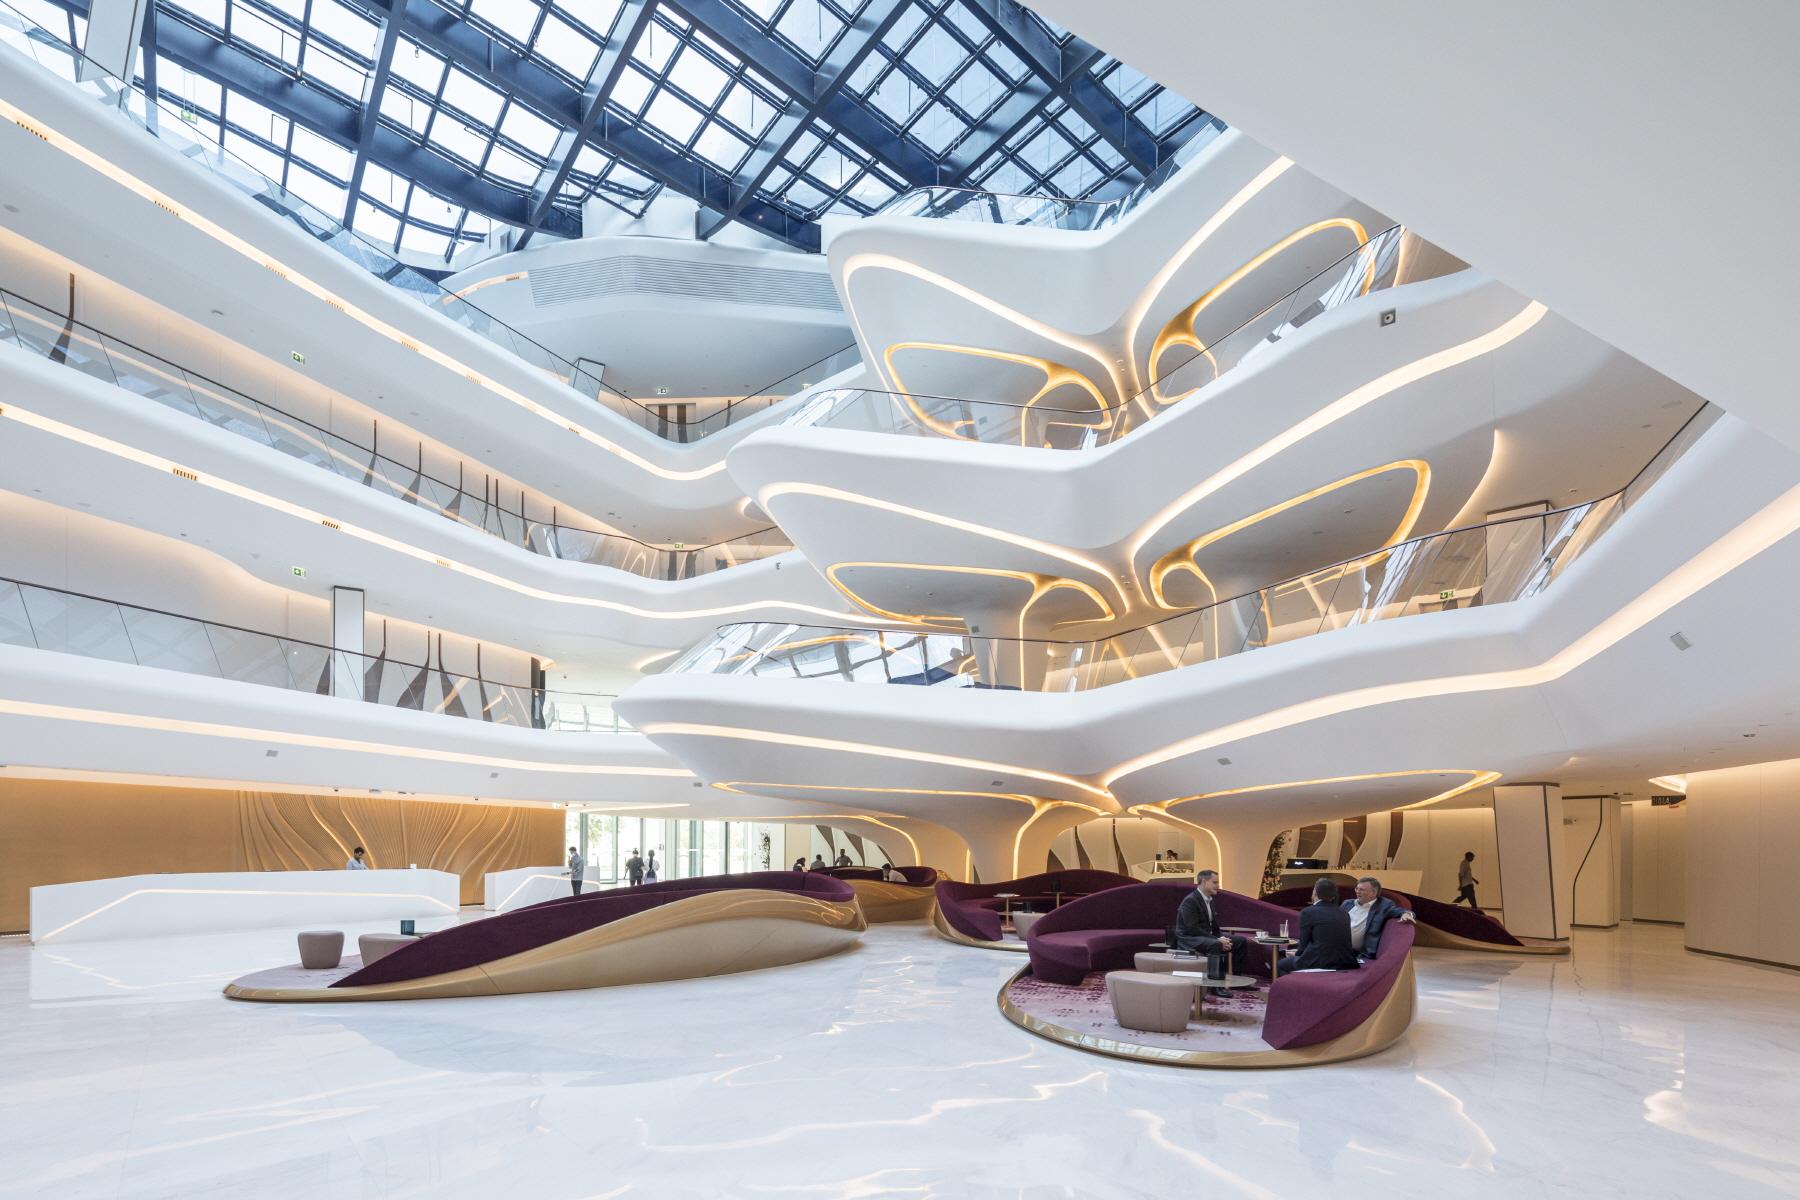 〔안정원의 건축 칼럼〕 굴곡진 자유형 보이드를 함유한 오퍼스의 ME 두바이 호텔 02.